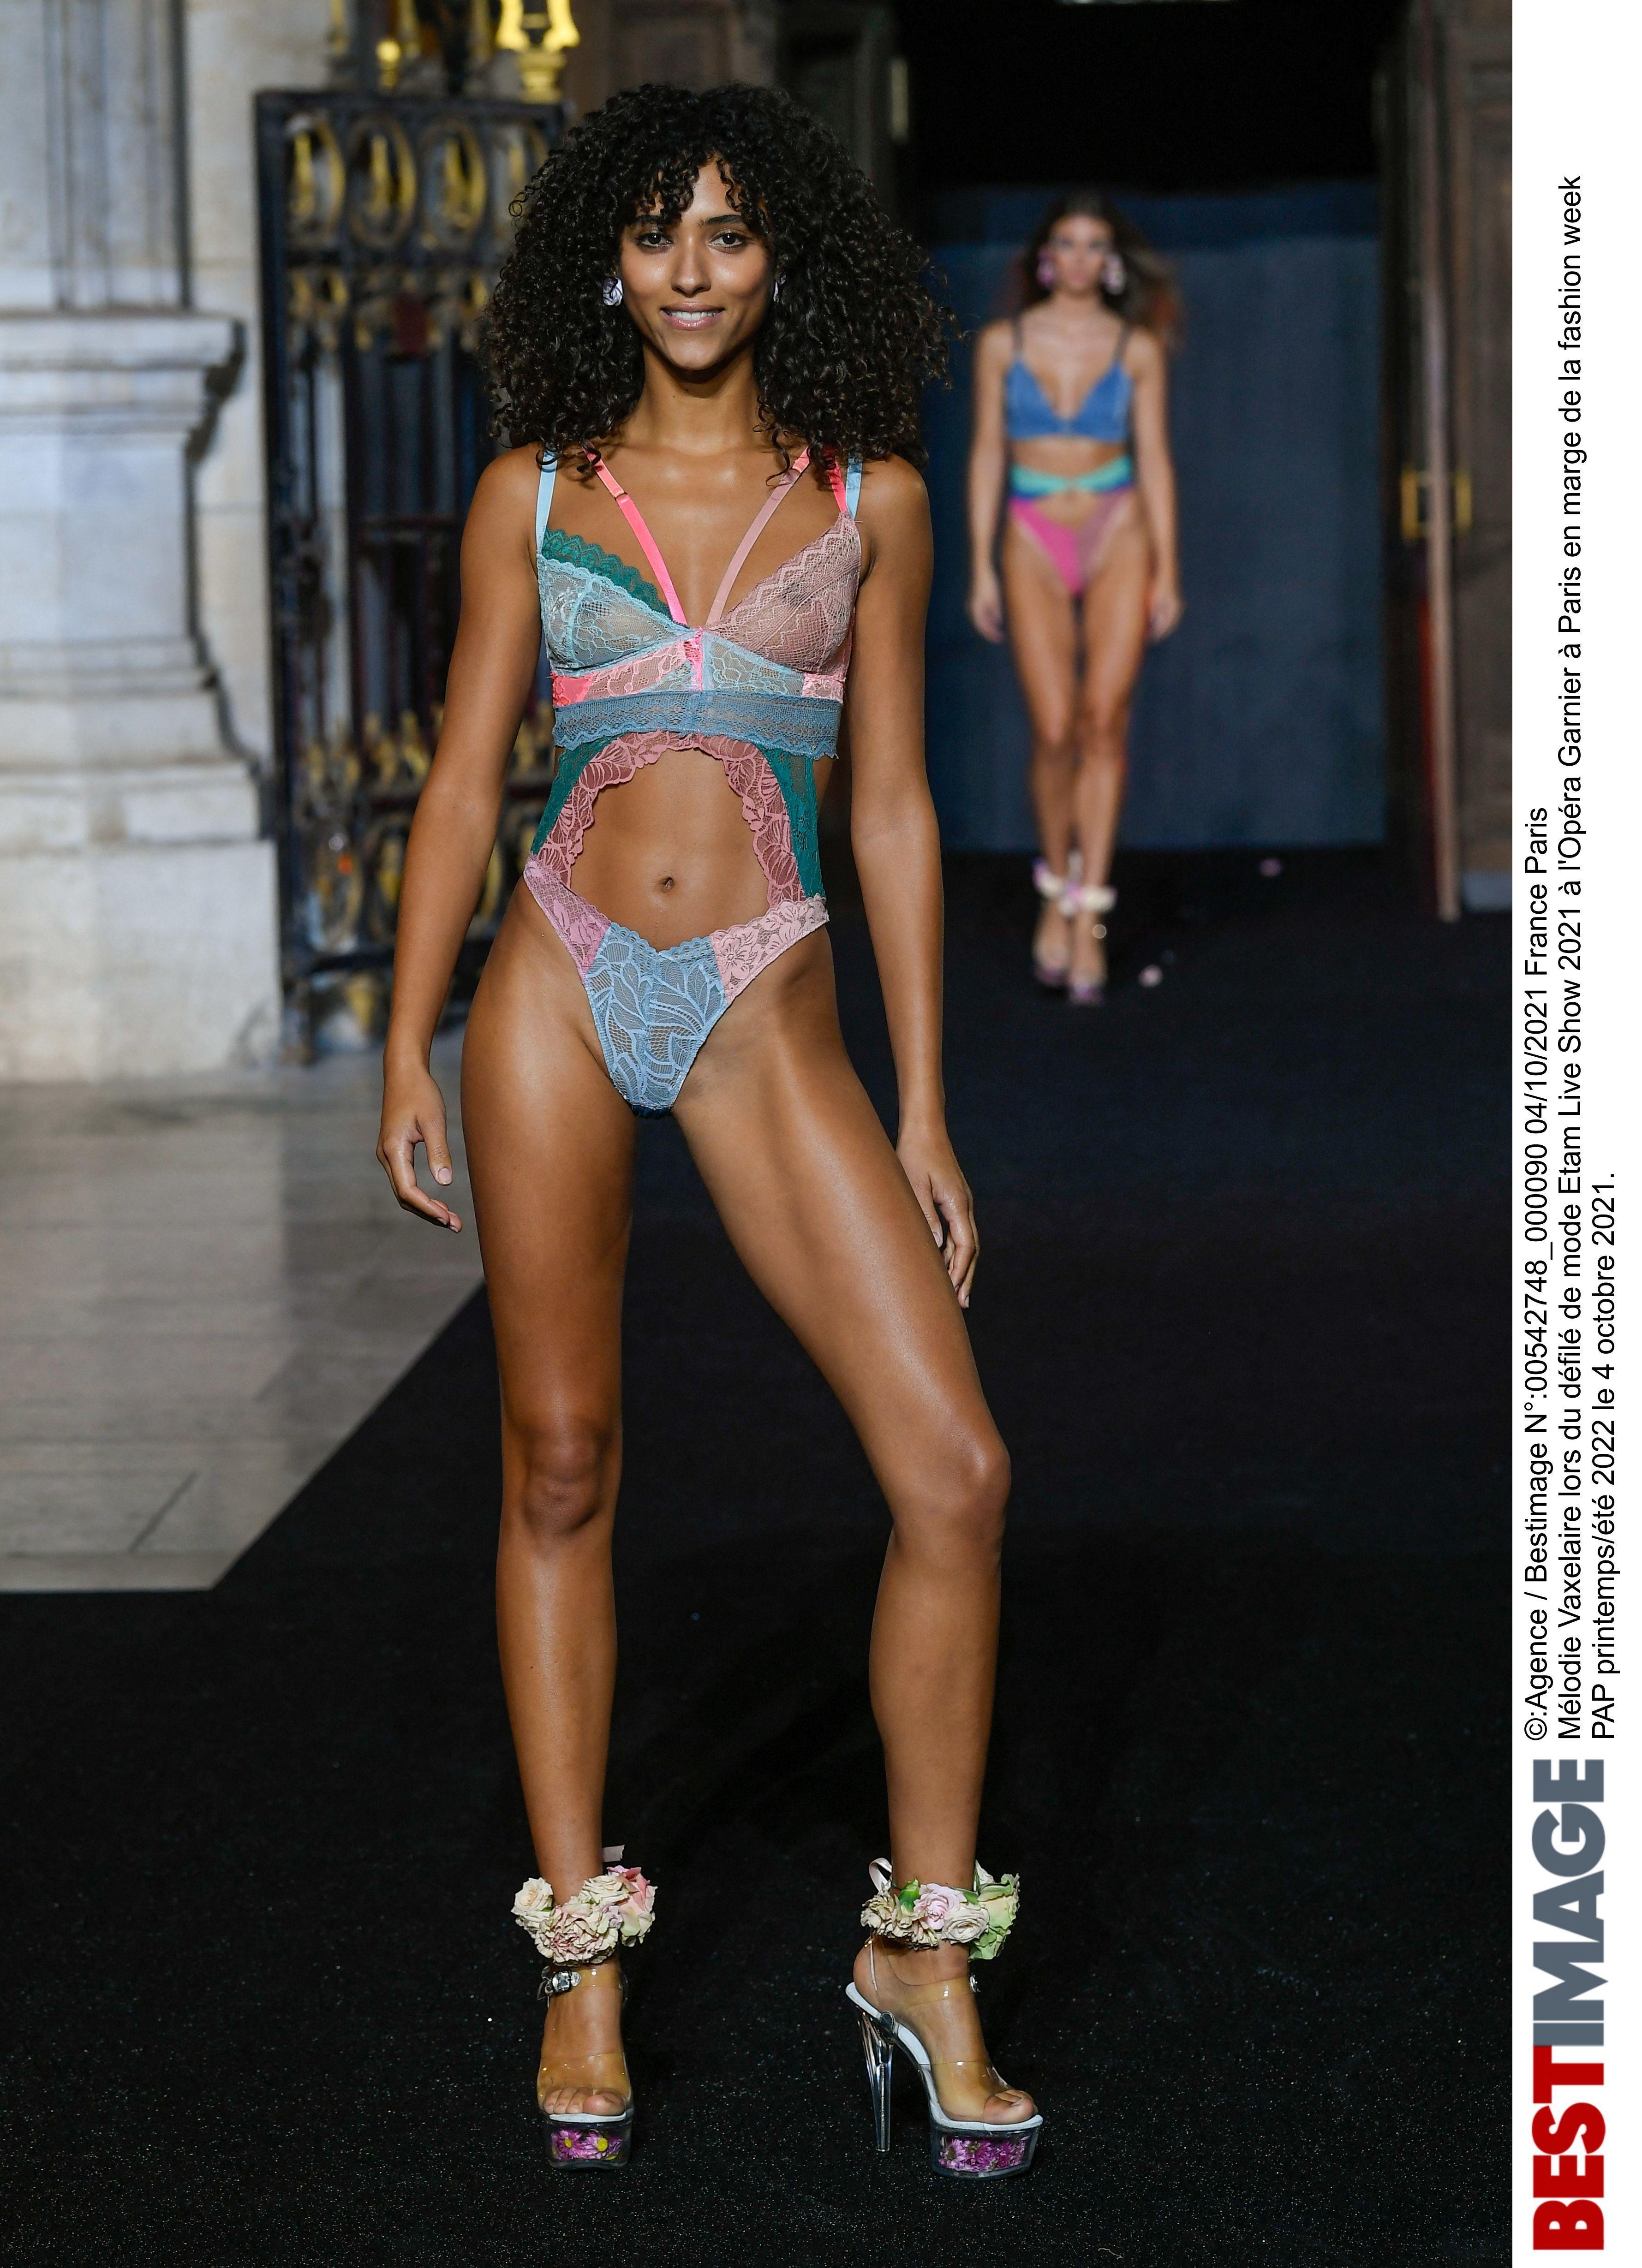 Mélodie Vaxelaire lors du défilé de mode Etam Live Show 2021 à l'Opéra Garnier à Paris en marge de la fashion week PAP printemps/été 2022 le 4 octobre 2021. Etam Live Show in Paris on october 4th 2021